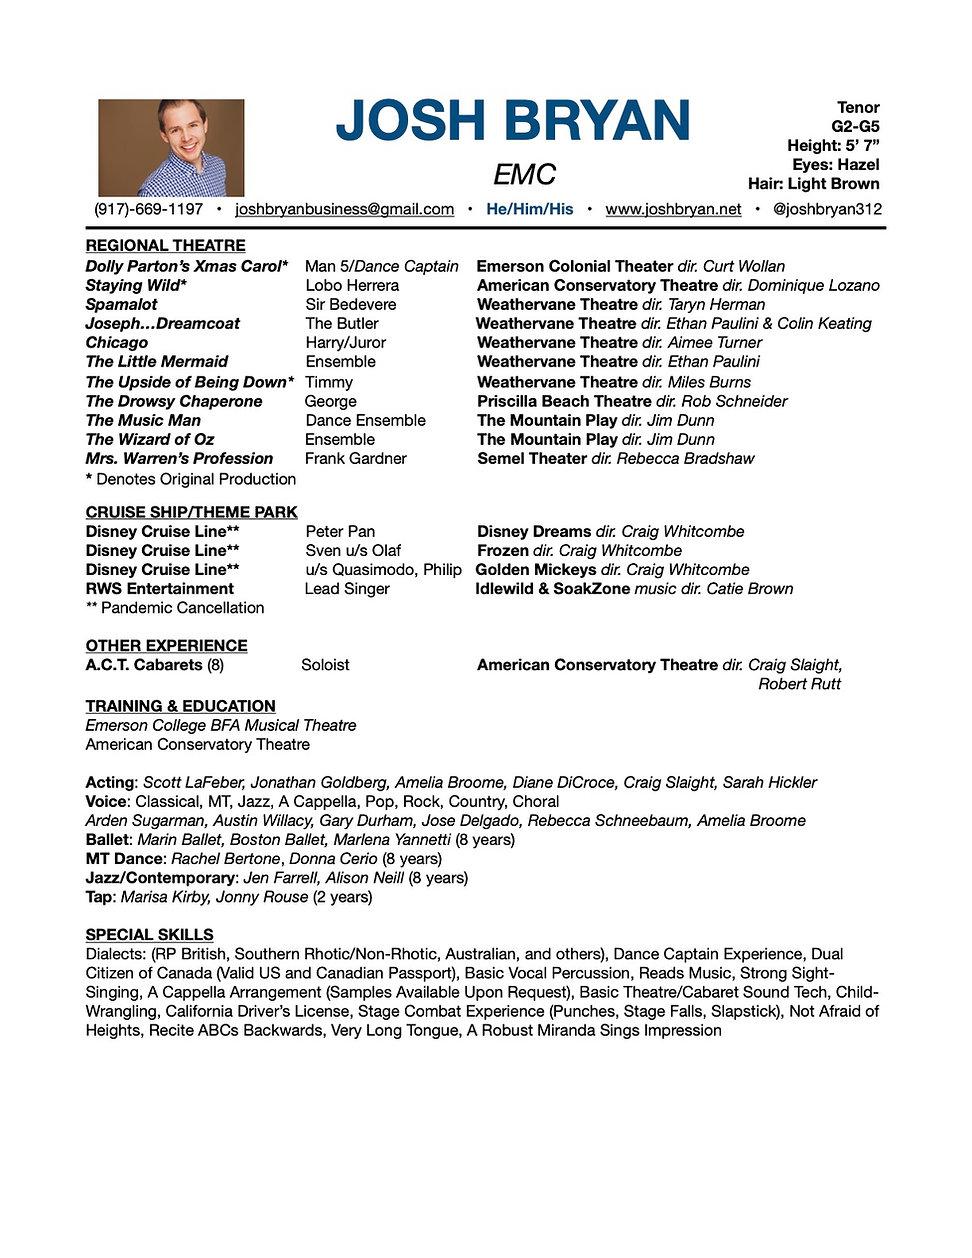 Actor Resume 04:27:2021.jpg